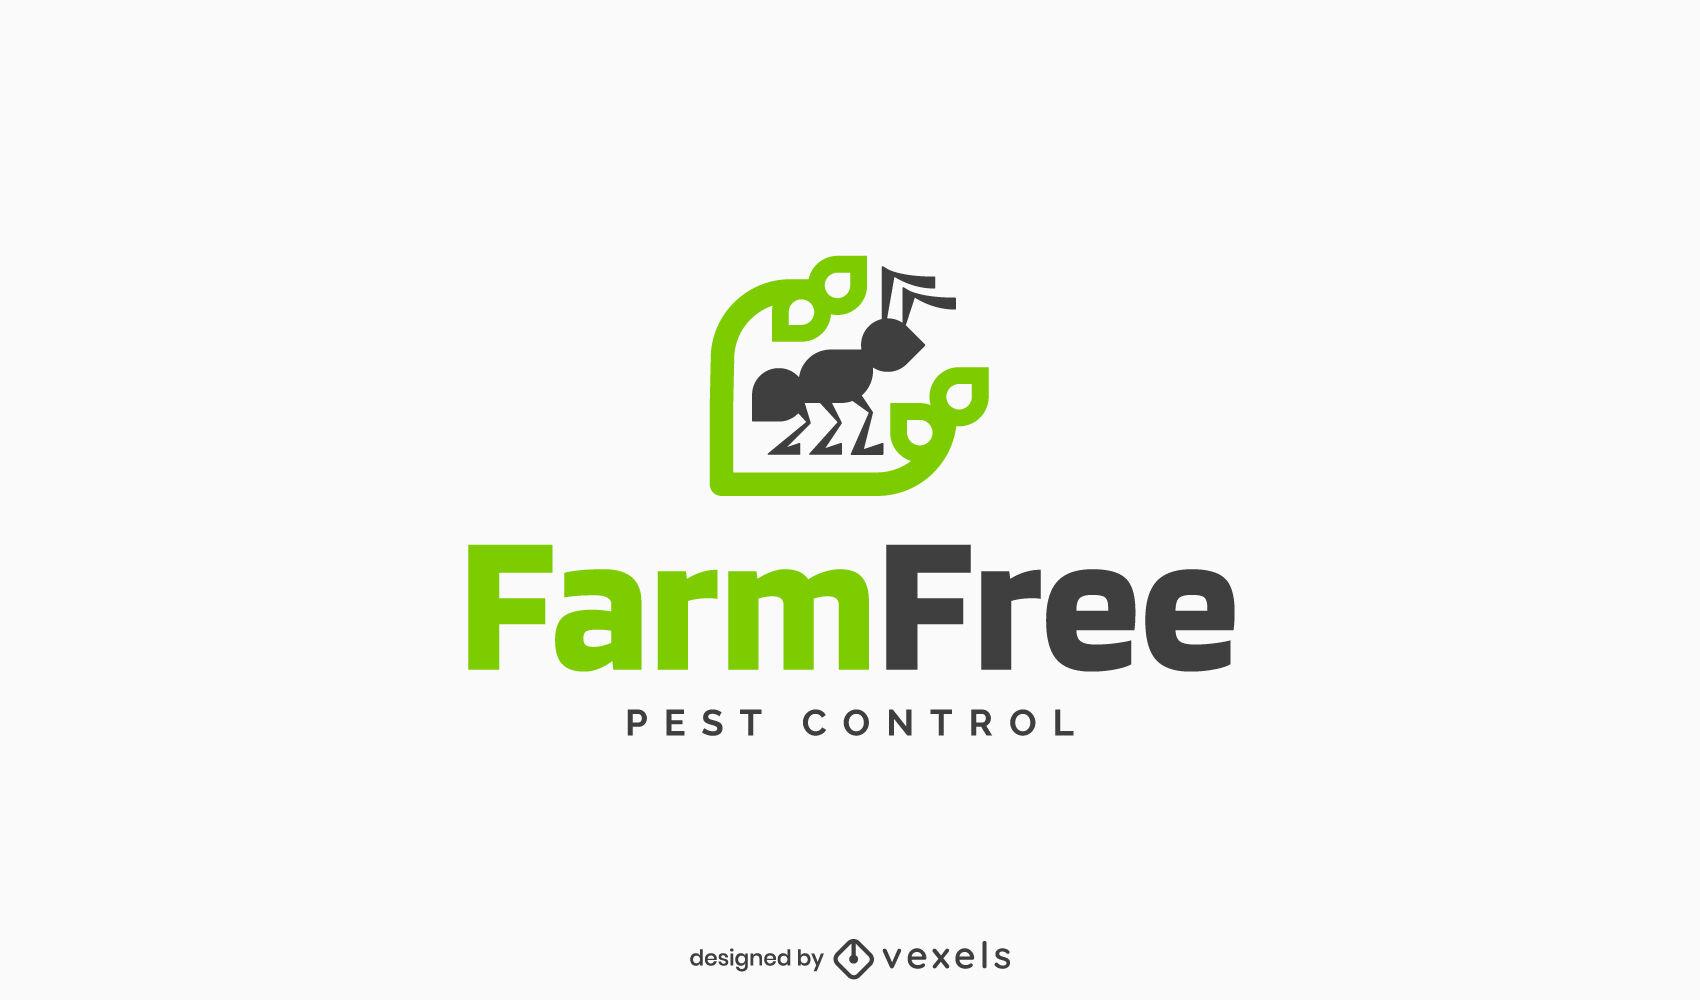 Logovorlage für Schädlingsbekämpfung Ameisen